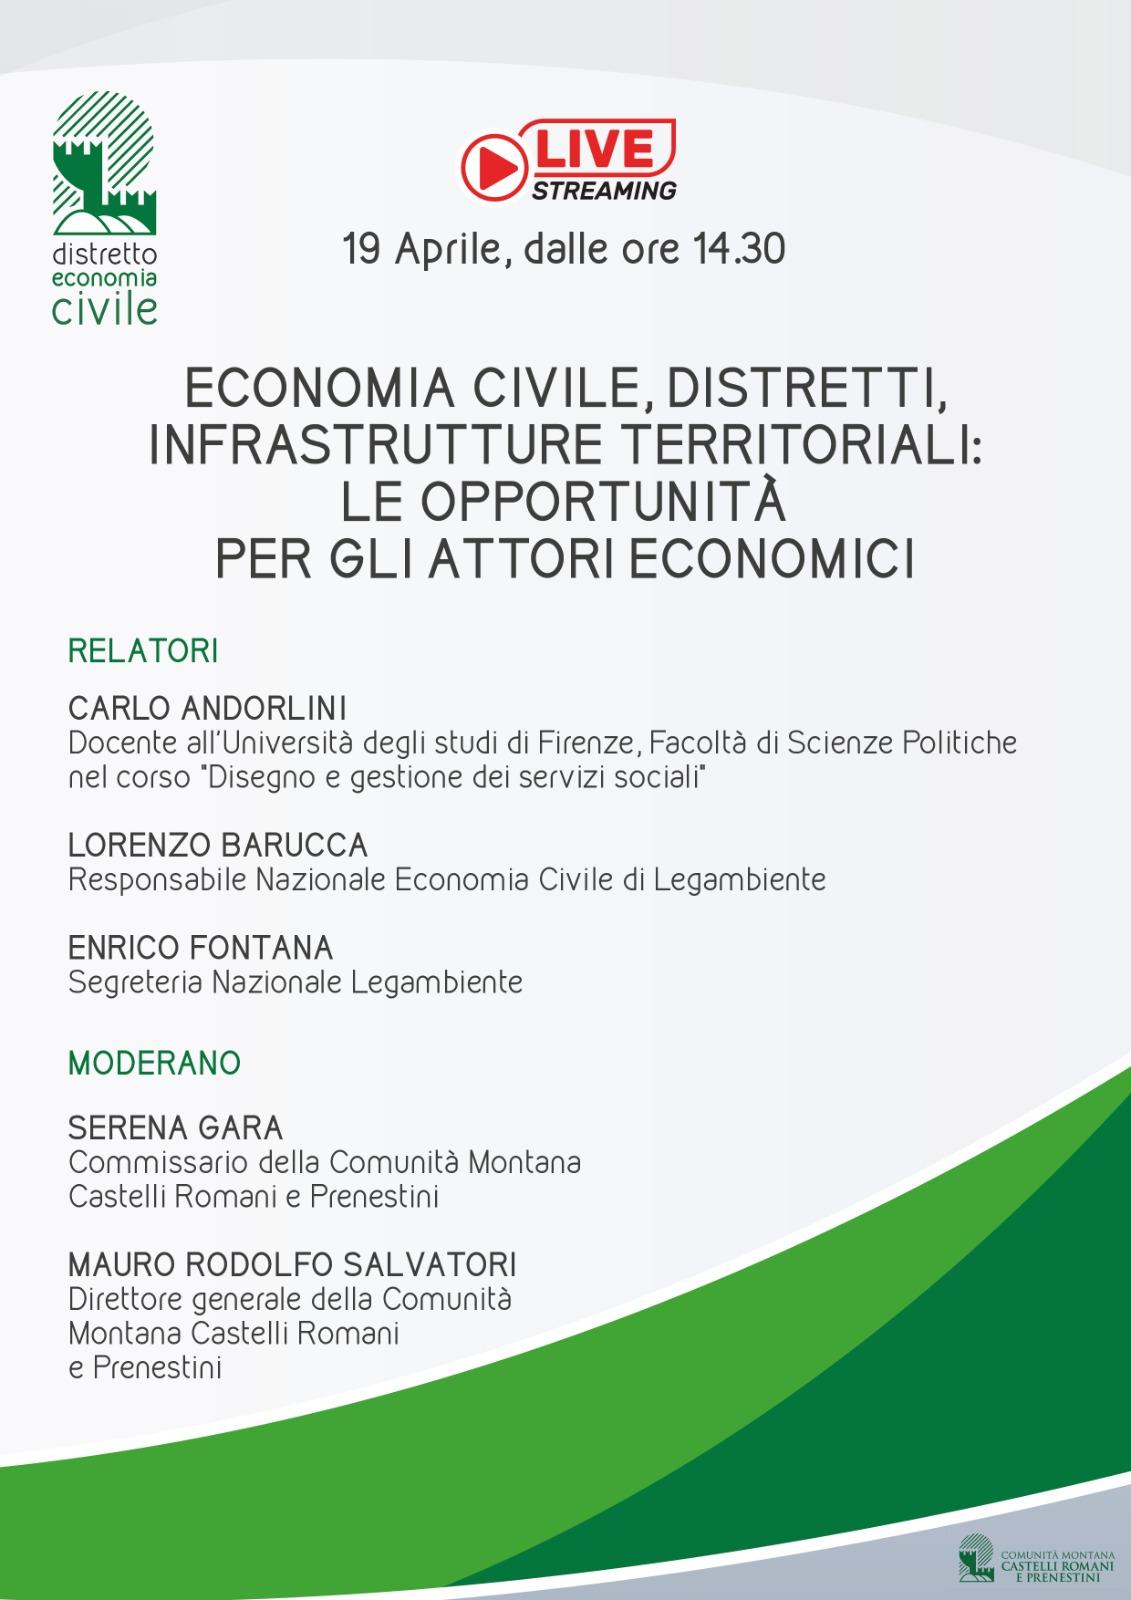 ECONOMIA CIVILE - UN WEBINAR GRATUITO PER GLI ATTORI ECONOMICI